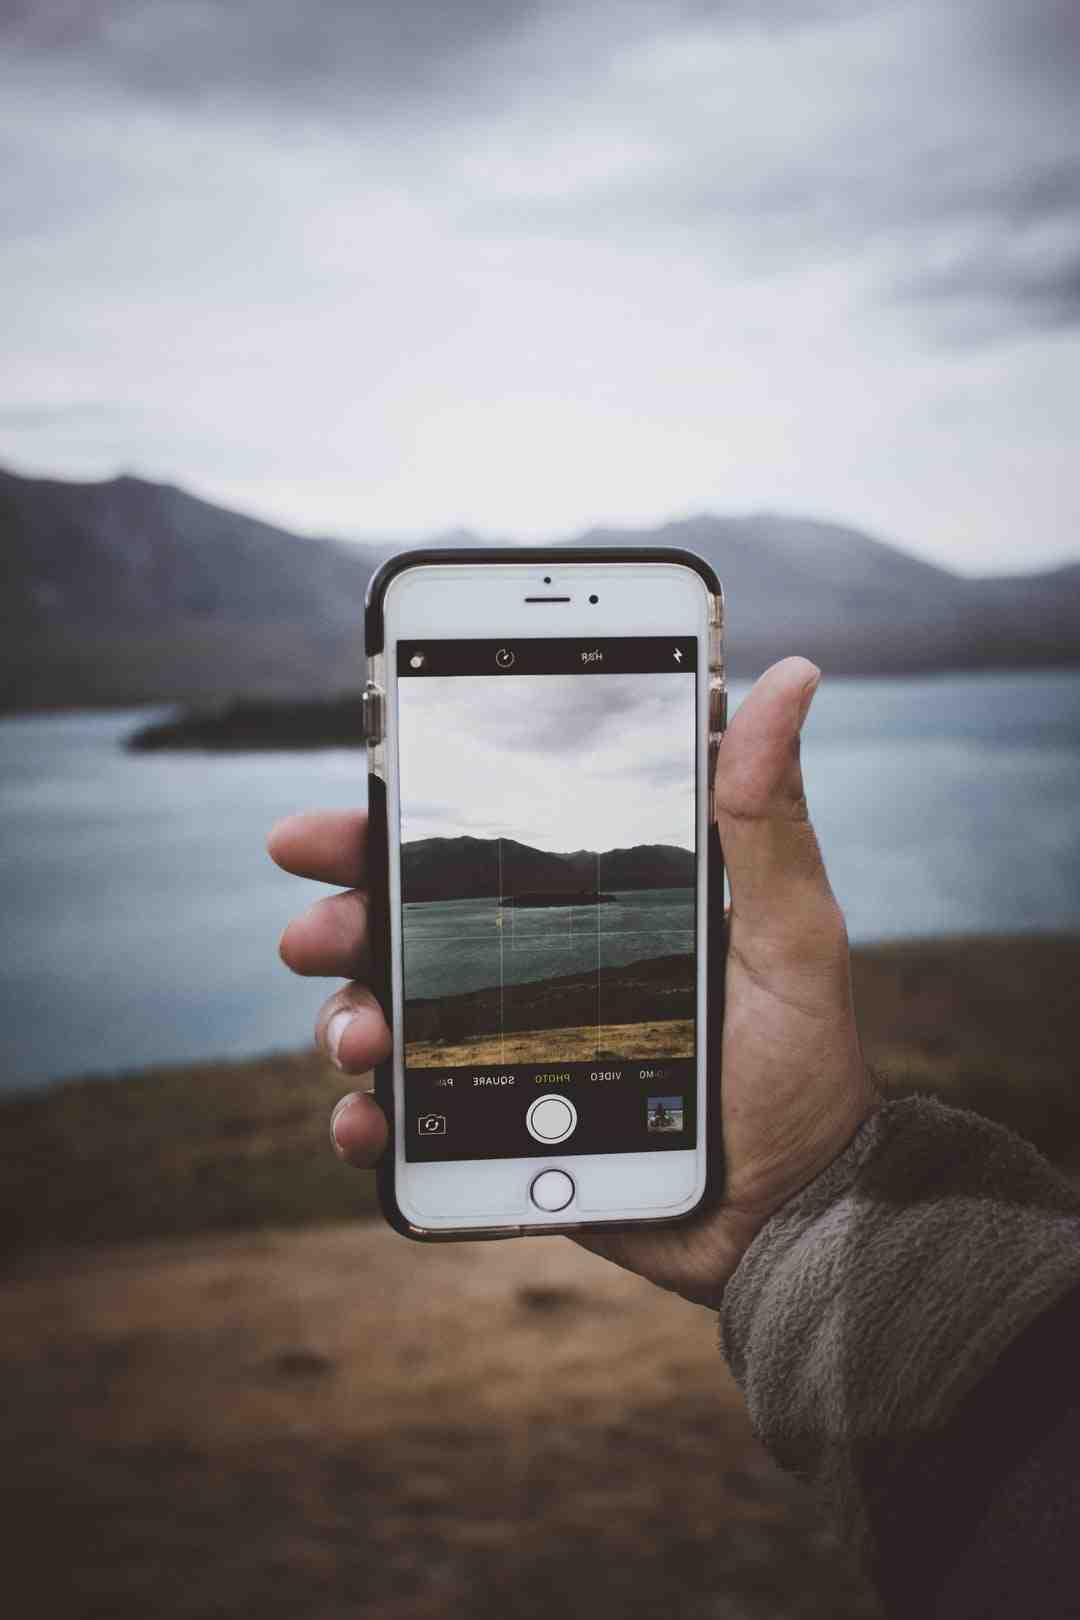 Comment enregistrer une photo en JPEG sur iPhone ?